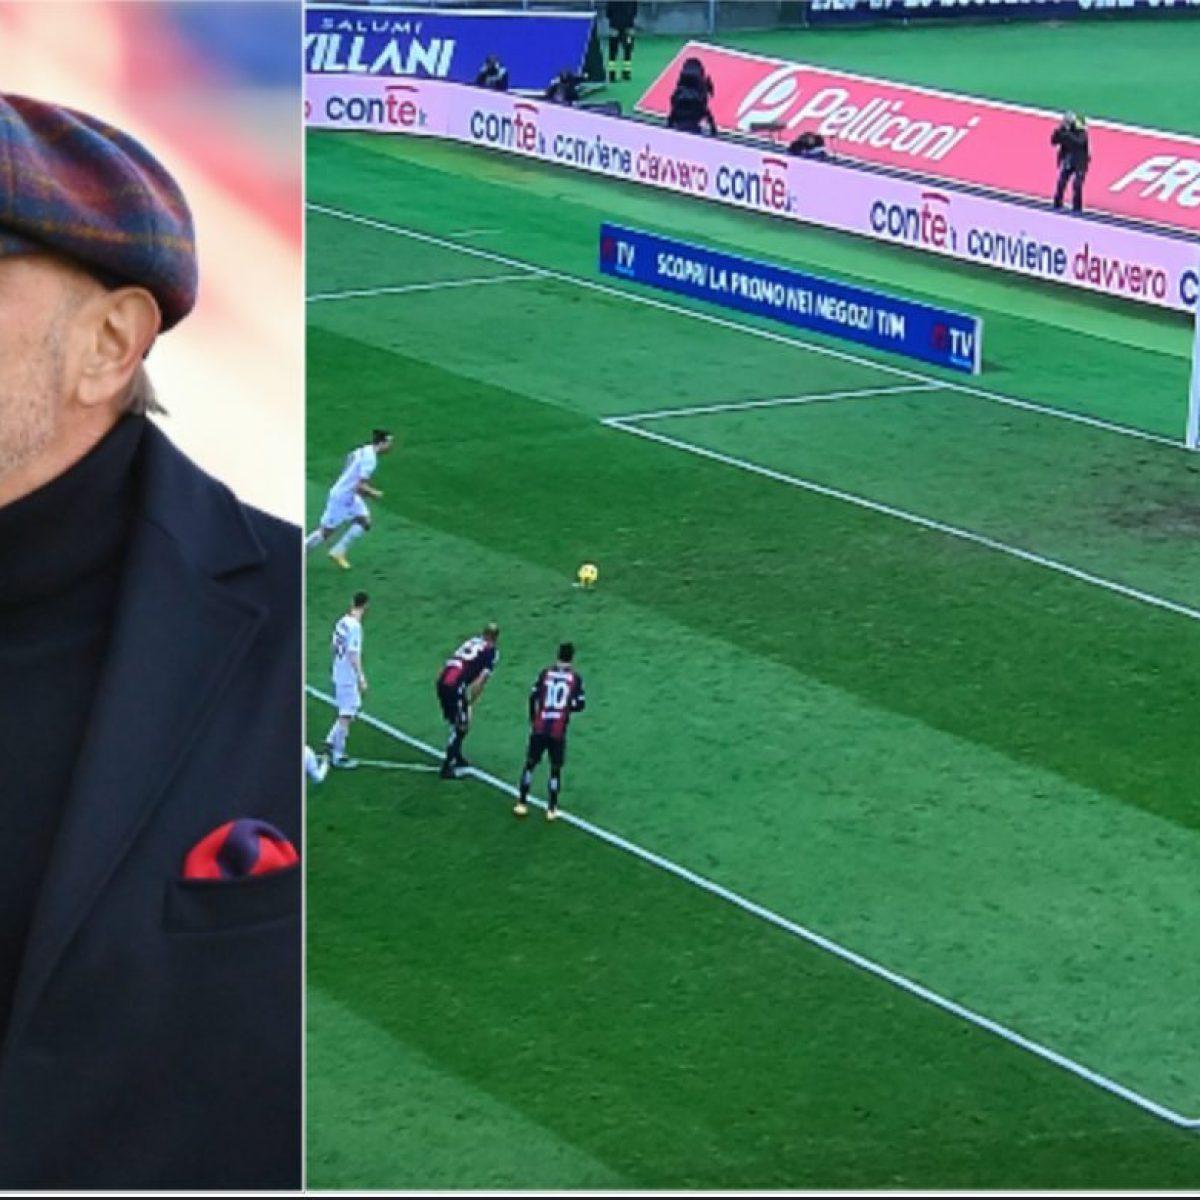 Mihajlovic provoca Ibrahimovic prima del rigore in Bologna-Milan: Tanto non  li sa tirare